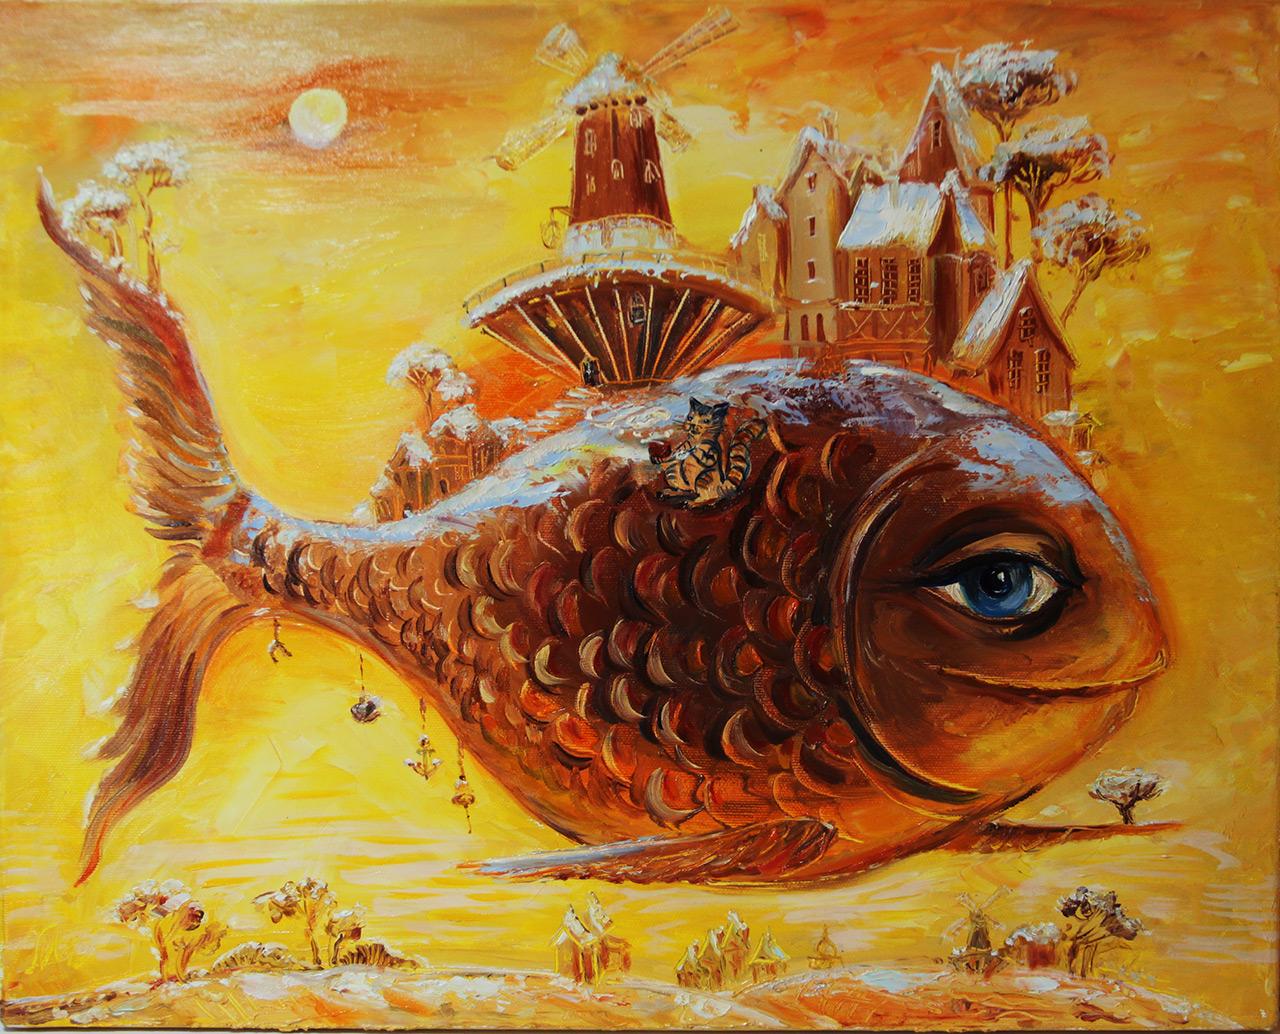 картинки рыба художника духовке